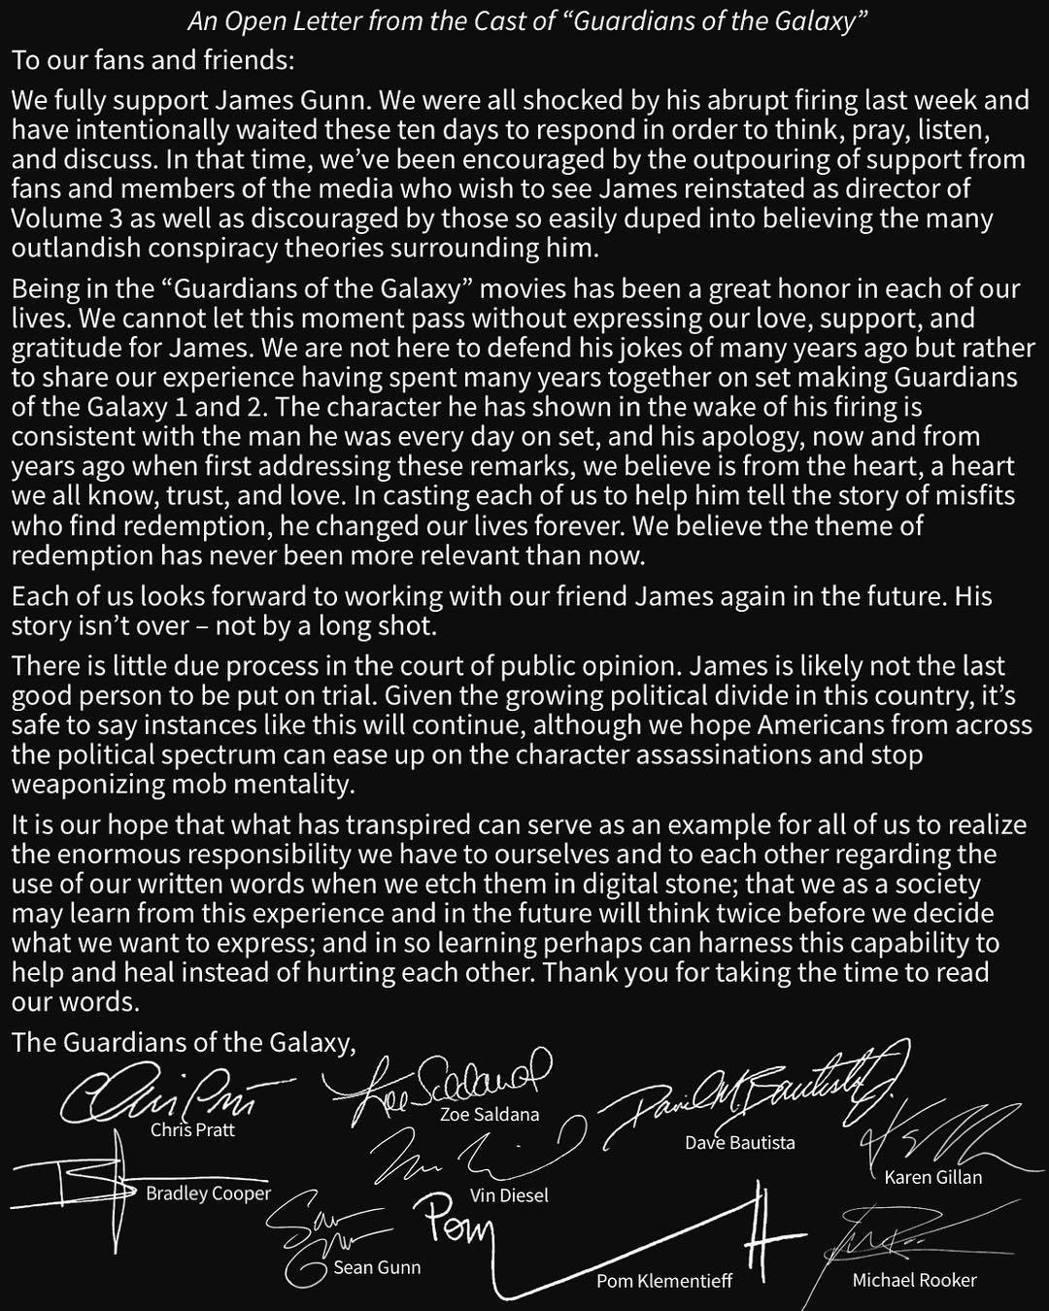 「星際異攻隊」所有主角、配音要角發表聯名聲明,希望導演重新被聘用。圖/摘自Ins...